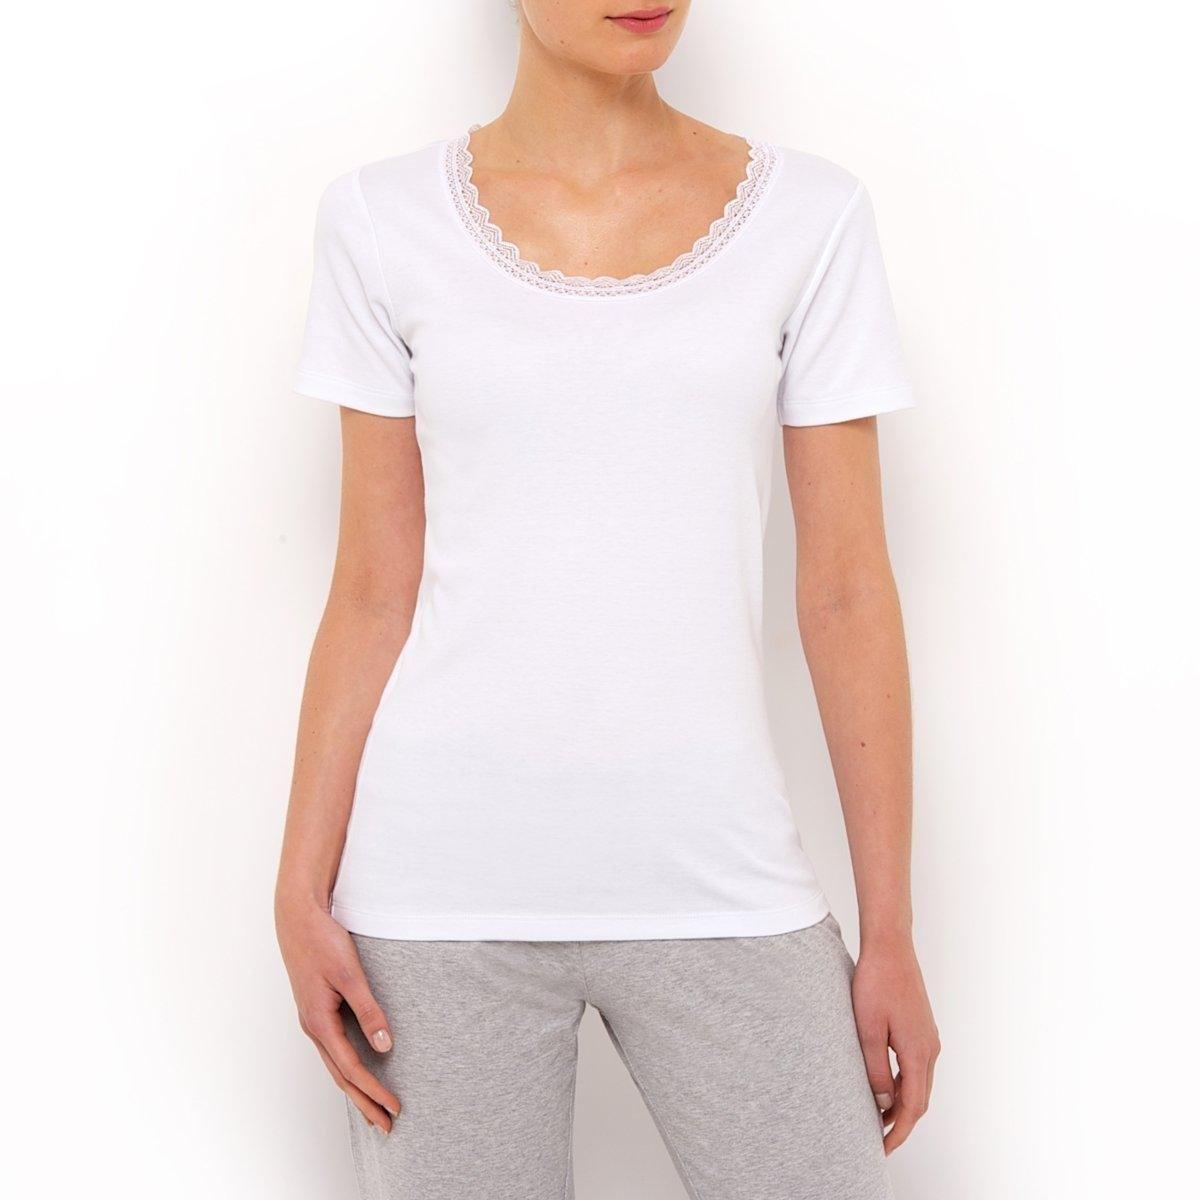 2 рубашки с короткими рукавами2 рубашки из 100% хлопка. Короткие рукава. Вырез украшен кружевом.<br><br>Цвет: белый,черный + черный<br>Размер: 38/40 (FR) - 44/46 (RUS).38/40 (FR) - 44/46 (RUS).42/44 (FR) - 48/50 (RUS)